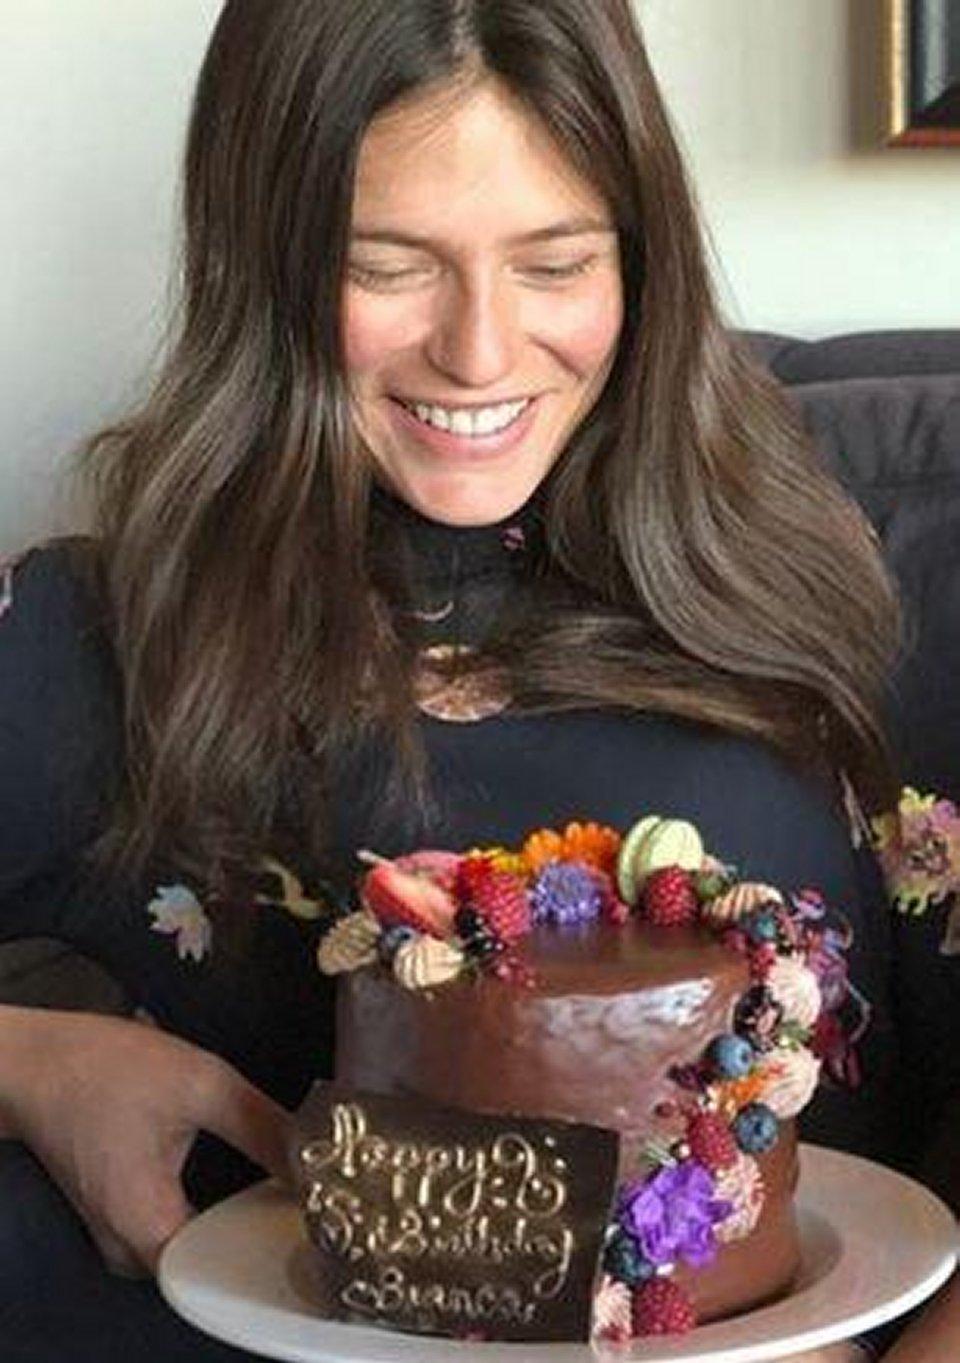 Bianca Balti festeggia il suo compleanno con un'uomo misterioso